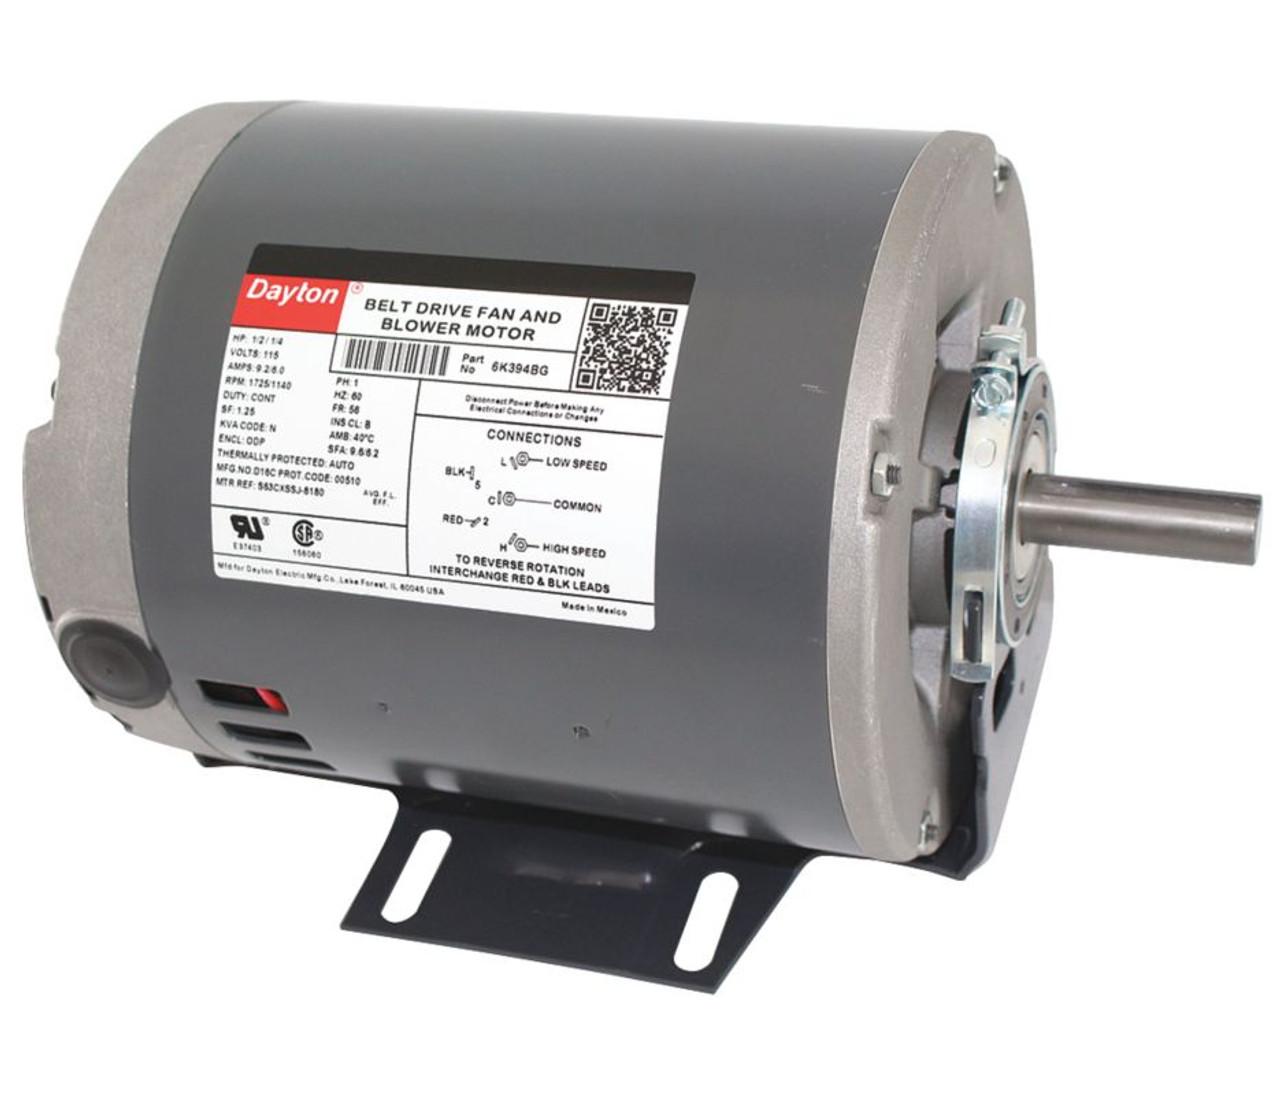 1 2 Hp Electric Motor Wiring Diagram - Wiring Diagram G11 Dayton Hp Wiring Diagram on